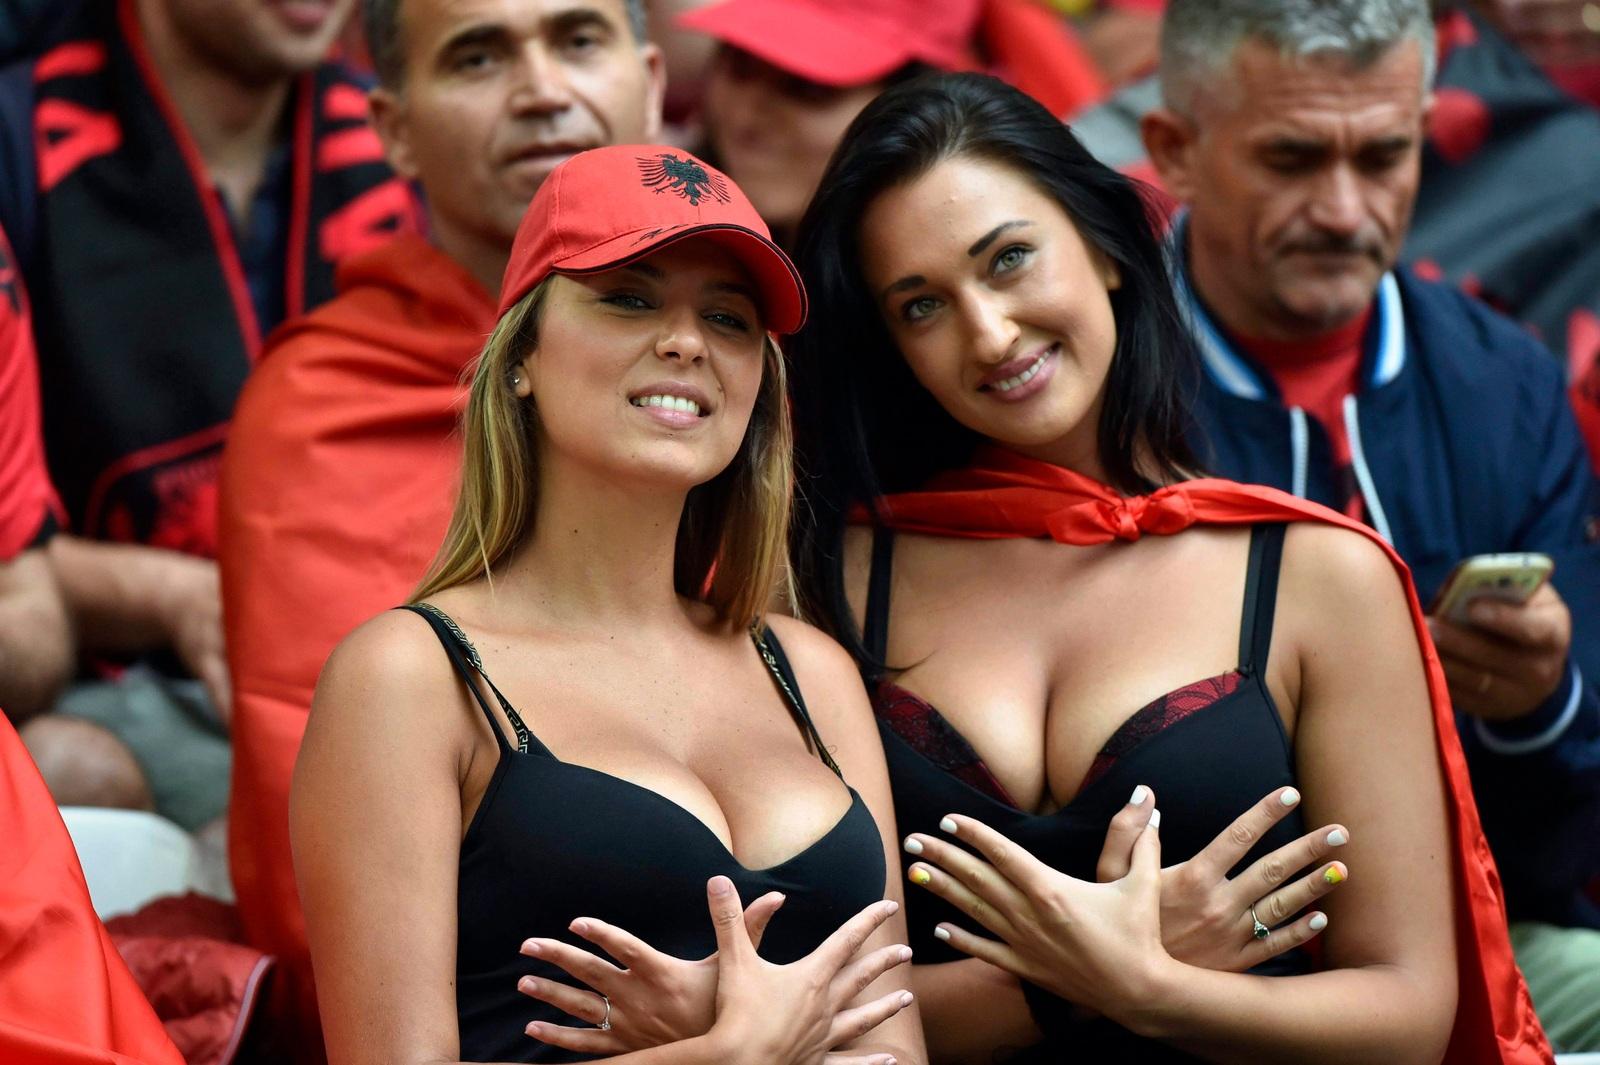 Frauen nackt albanische Türkisch: 7,151